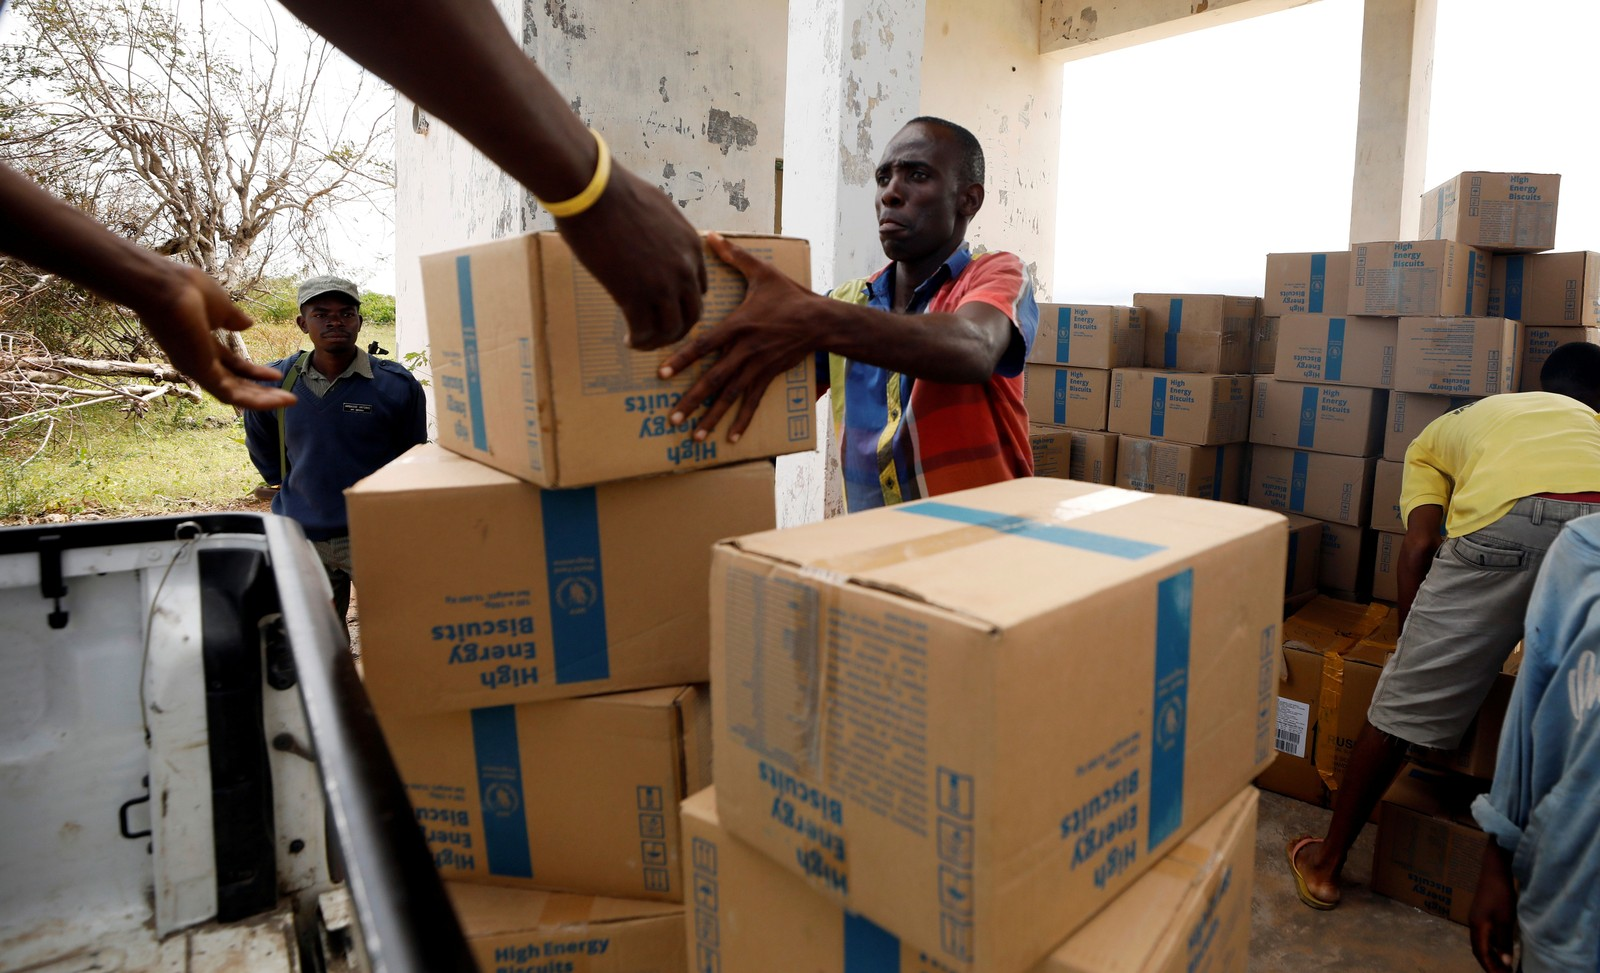 Moçambique recebeu menos de 10% da ajuda necessária para combater doenças após ciclone, diz OMS